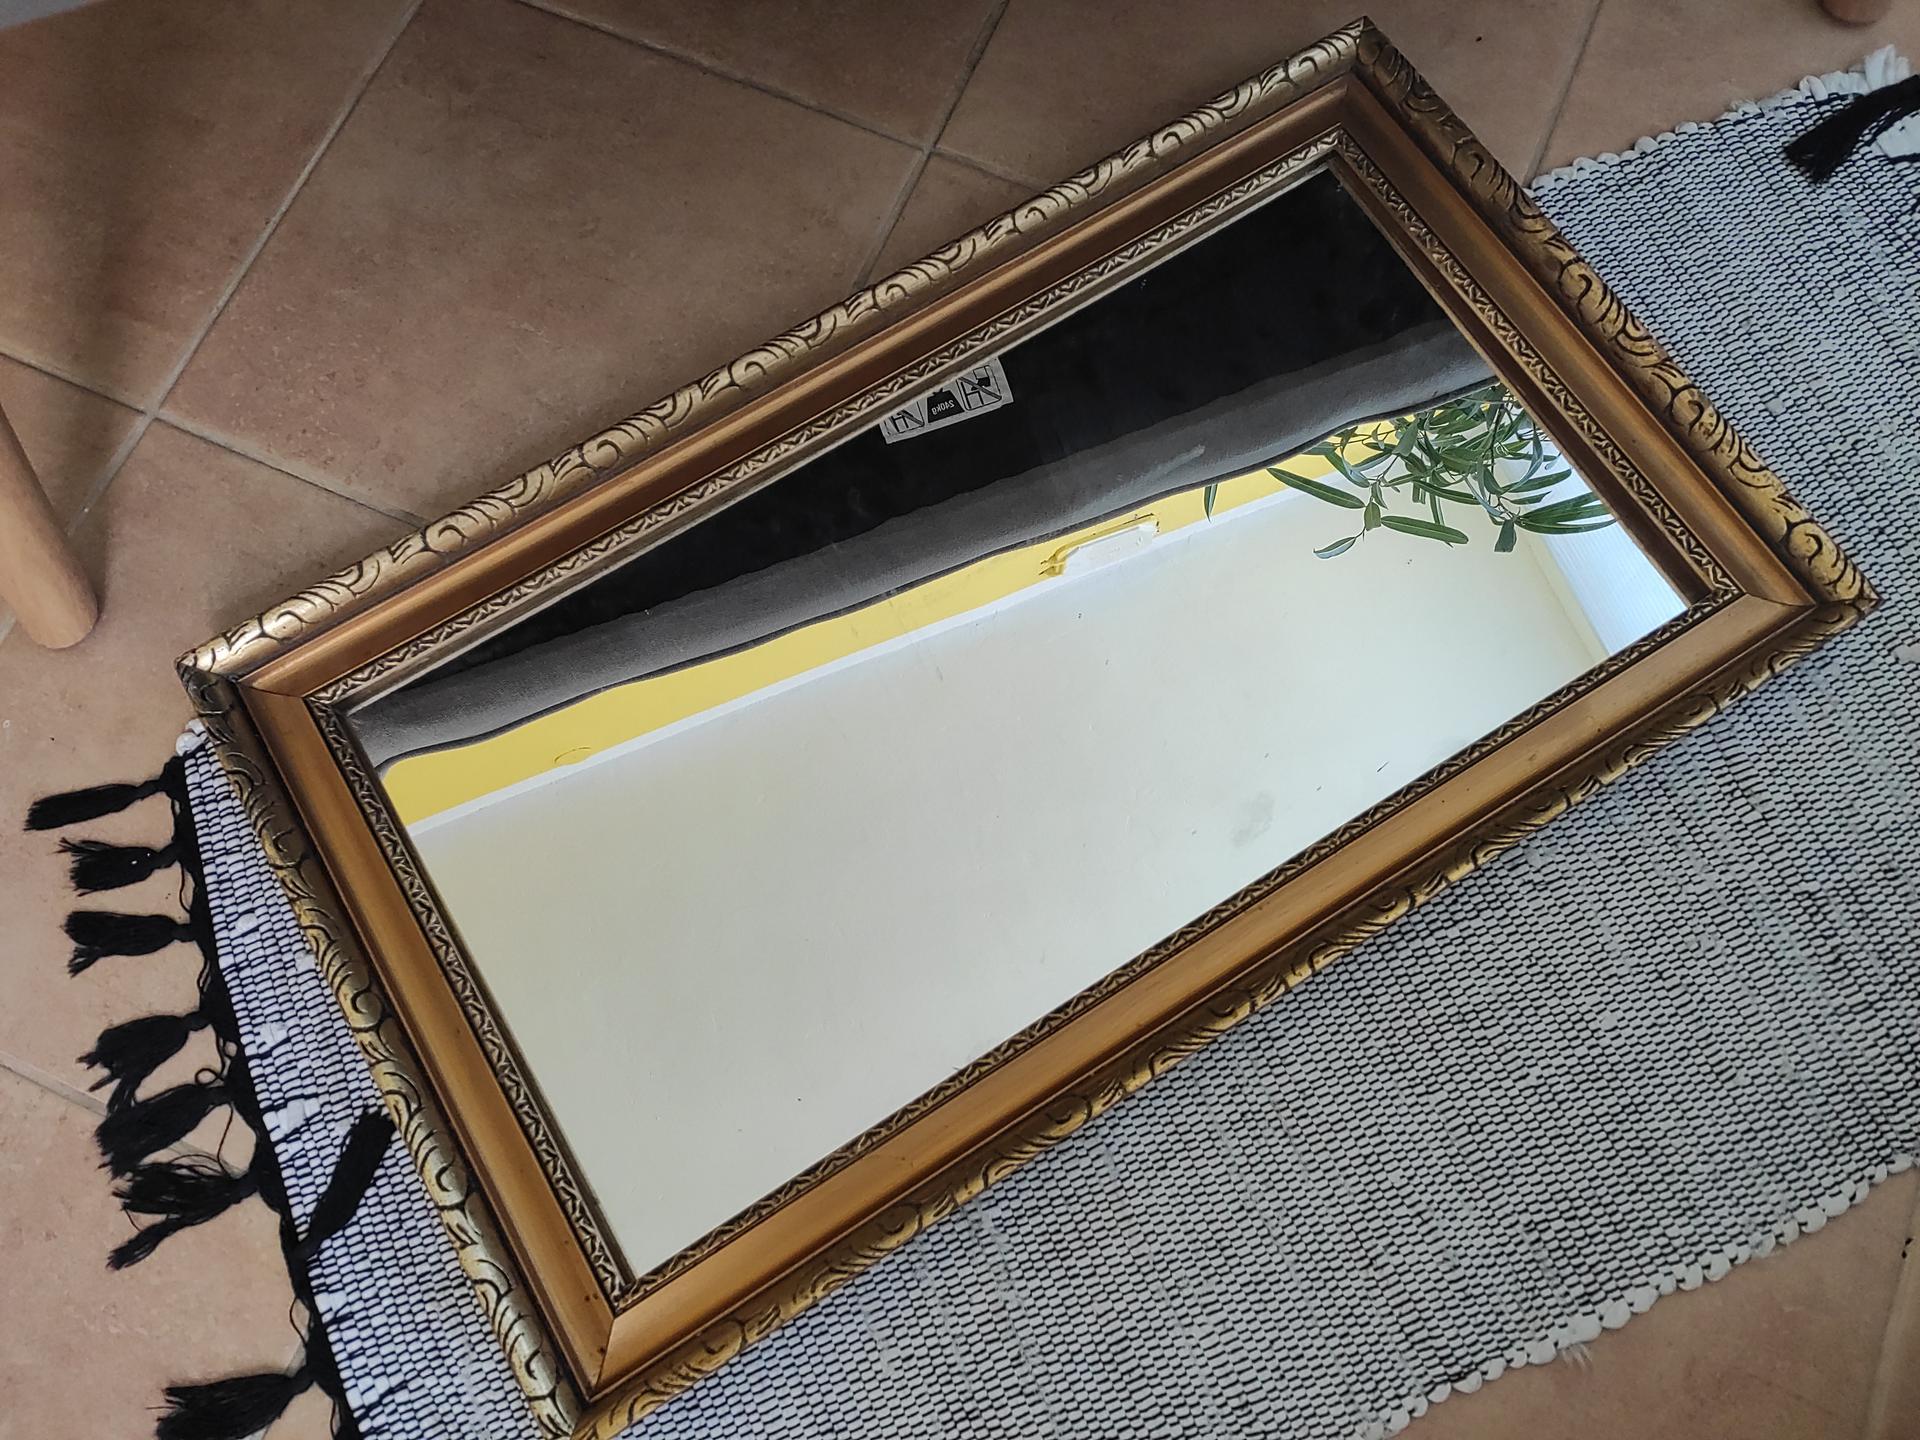 Ahojte. Máte niekto doma takýto rám na obraz natretý v inej farbe ako takáto pôvodná ? Zaujíma ma ako by to vyzeralo :-) - Obrázok č. 1